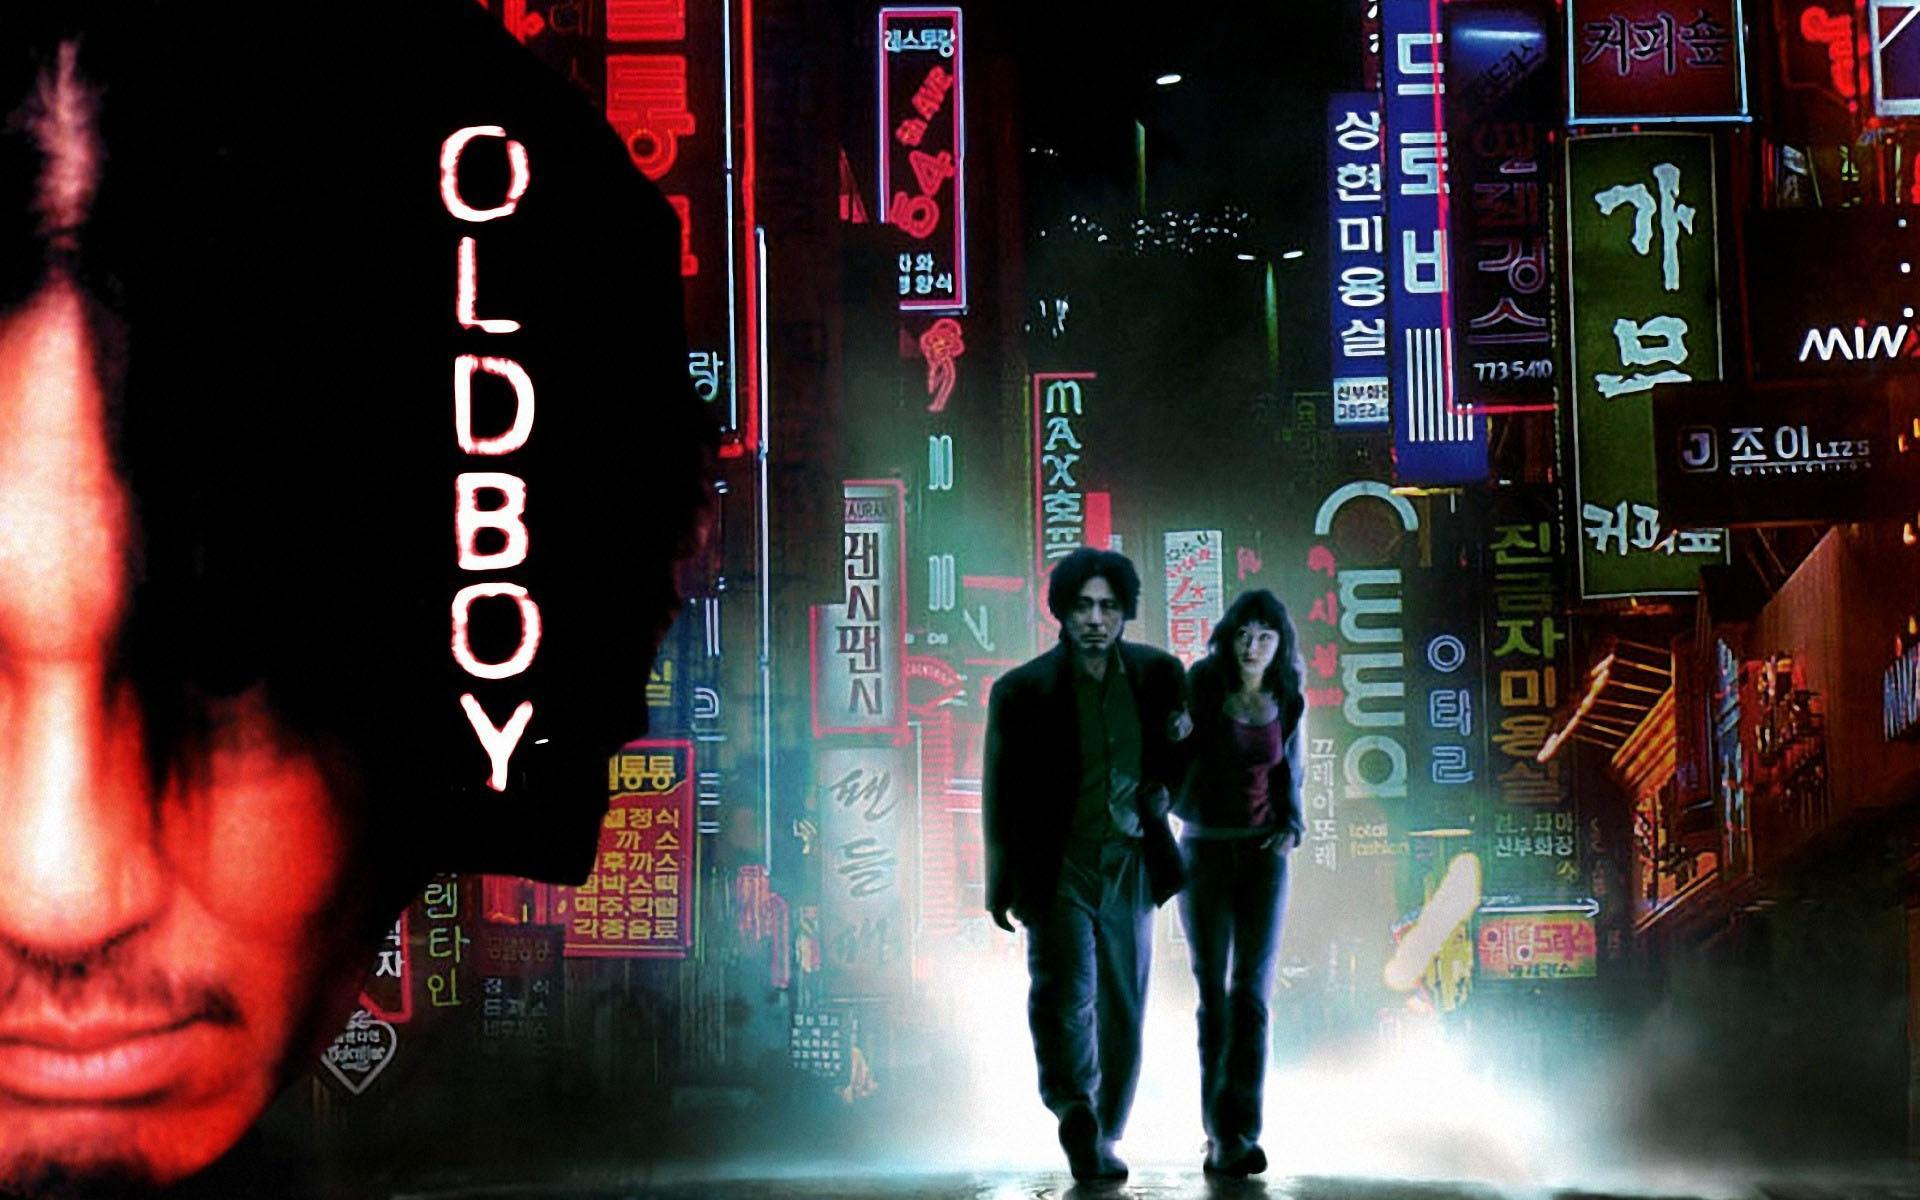 Old Boy, Salah Satu Film Terbaik Korea yang Rugi Jika ...